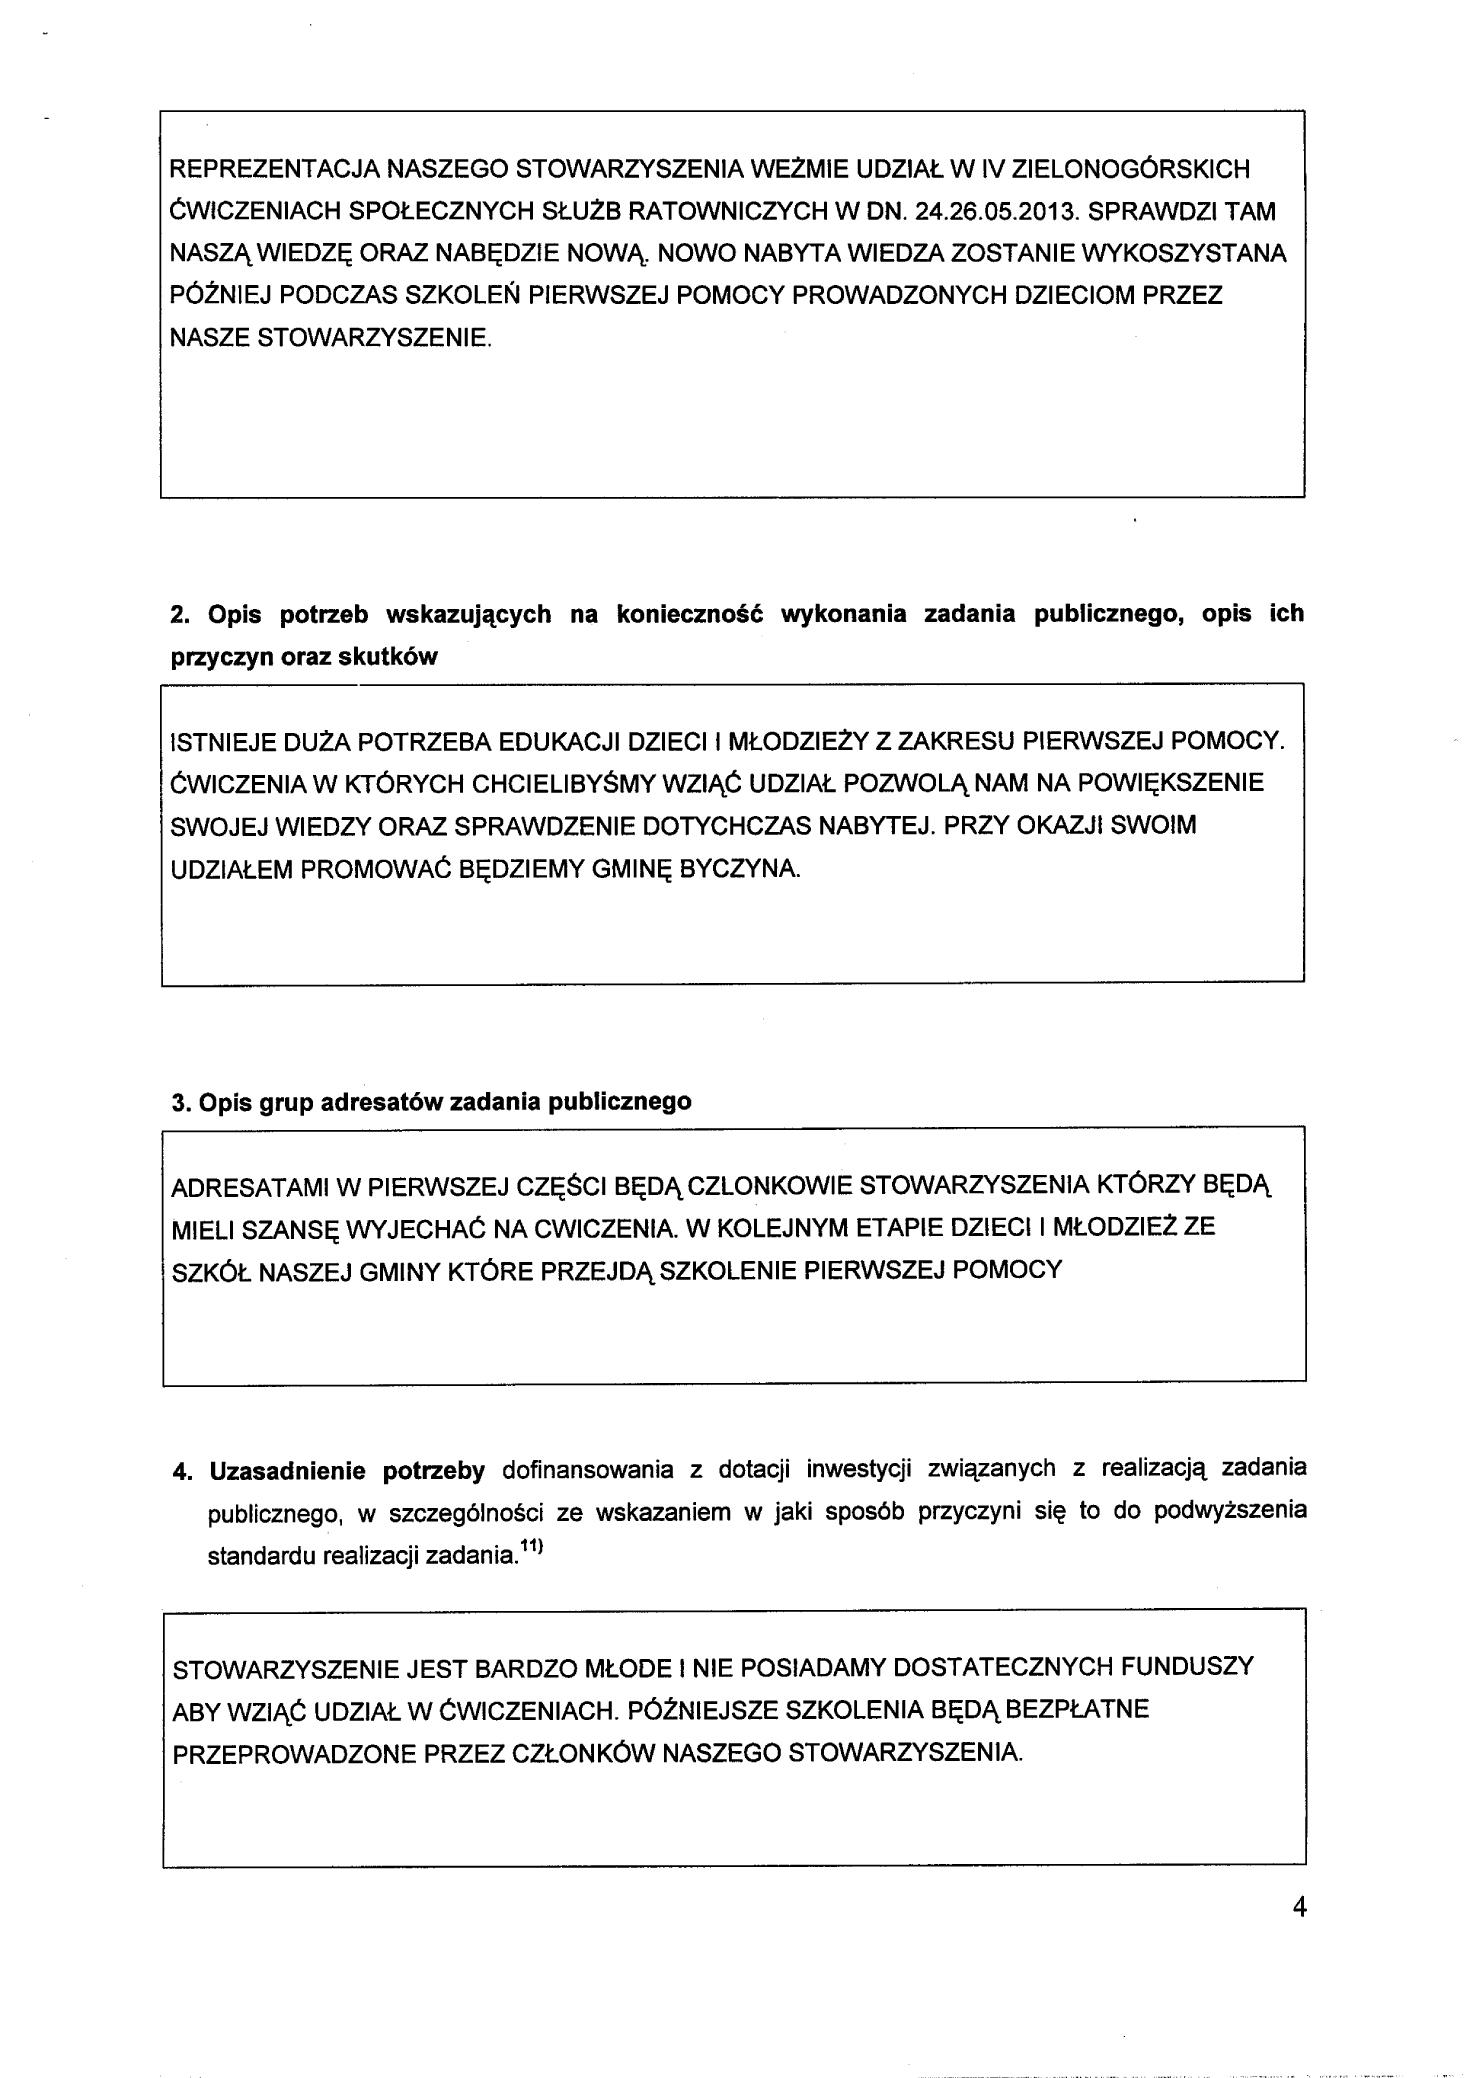 DOC130325072600(0001)04 copy.jpeg